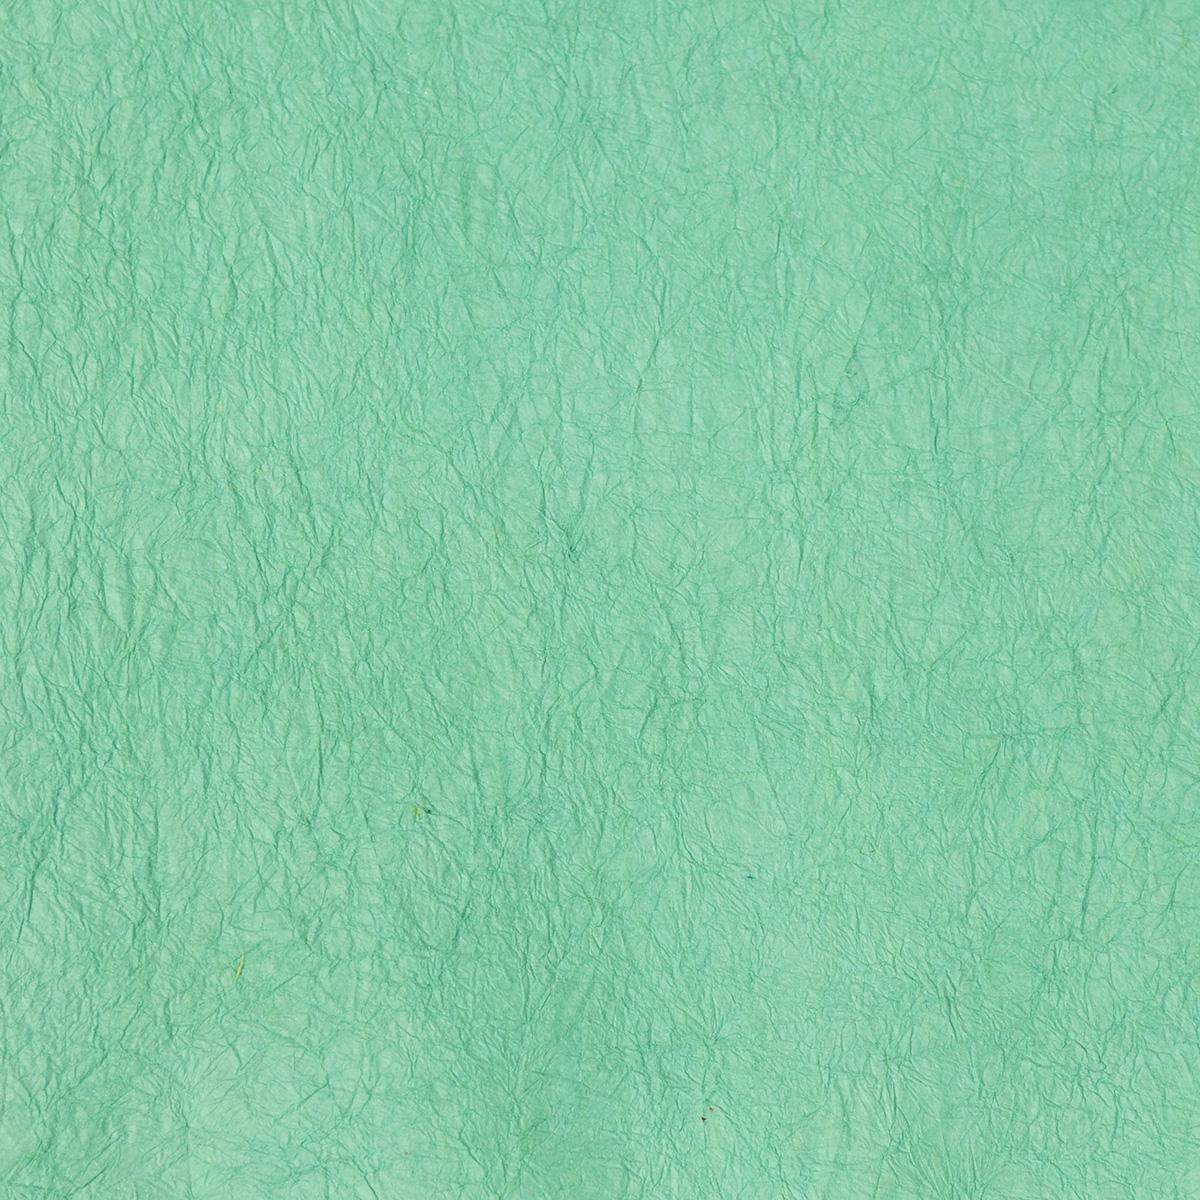 王朝のそめいろ 厚口 32番 青浅緑